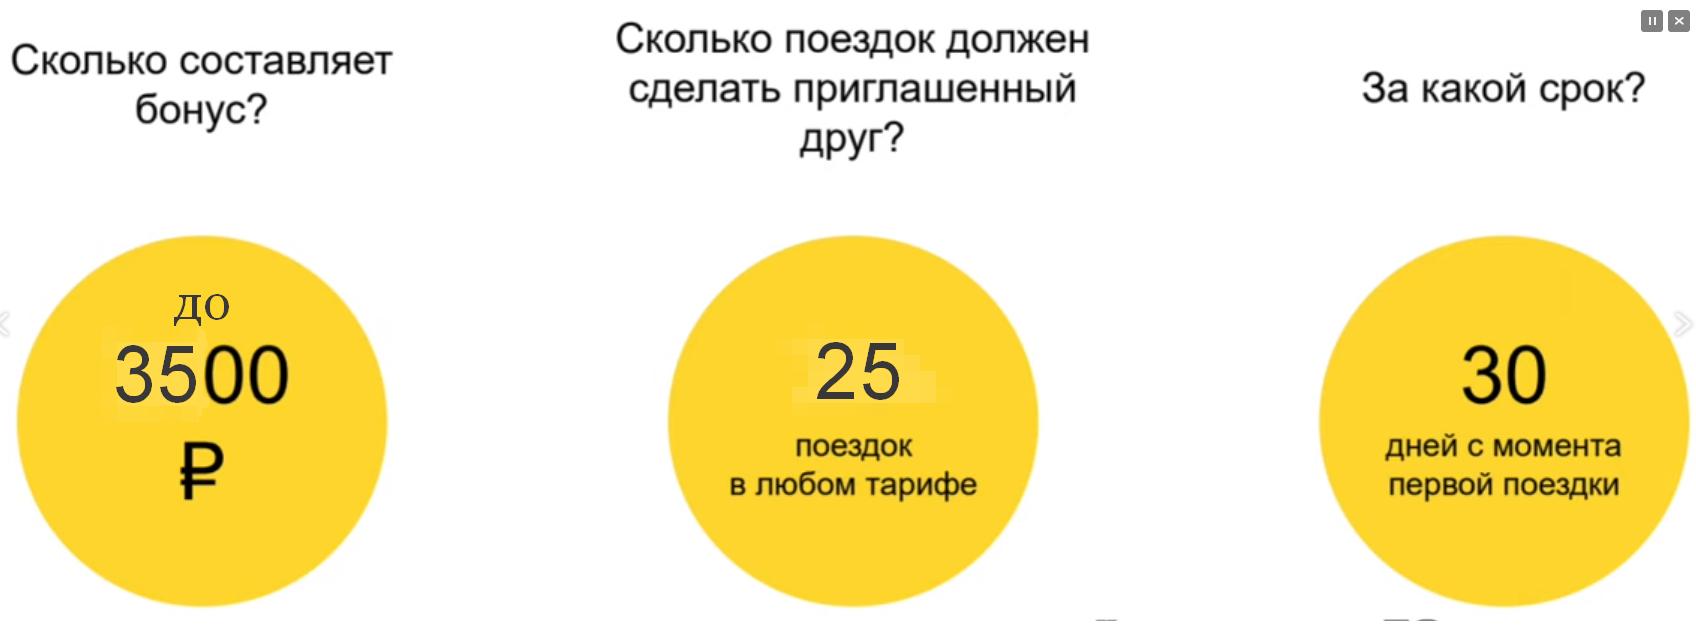 Условия программы по приглашению друга в Яндекс Такси водителем